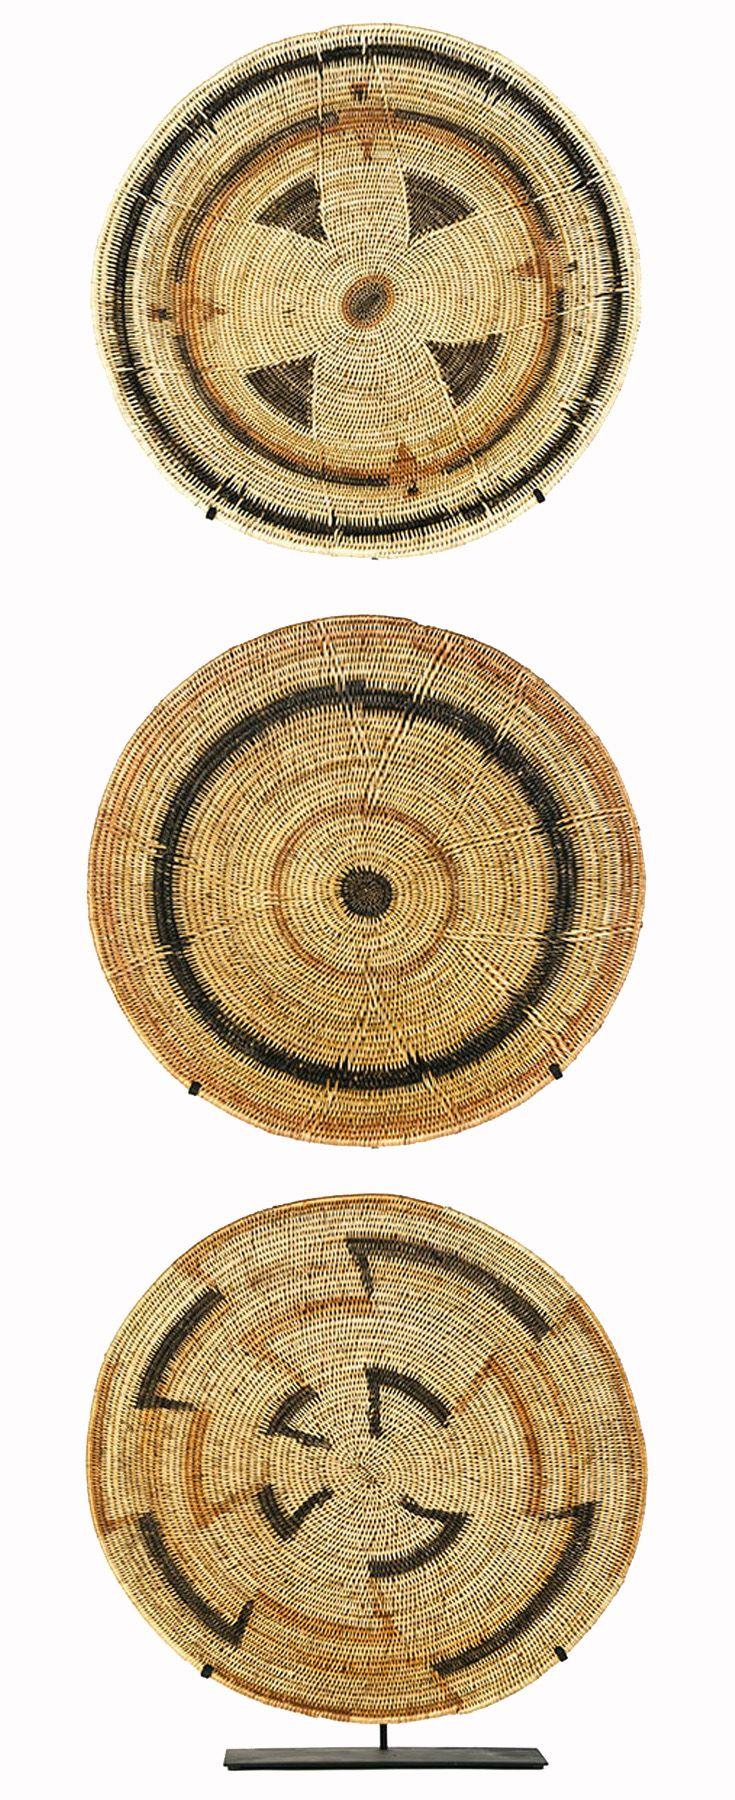 Zambia Basket Weaving : Africa baskets from the mbunda people of zambia